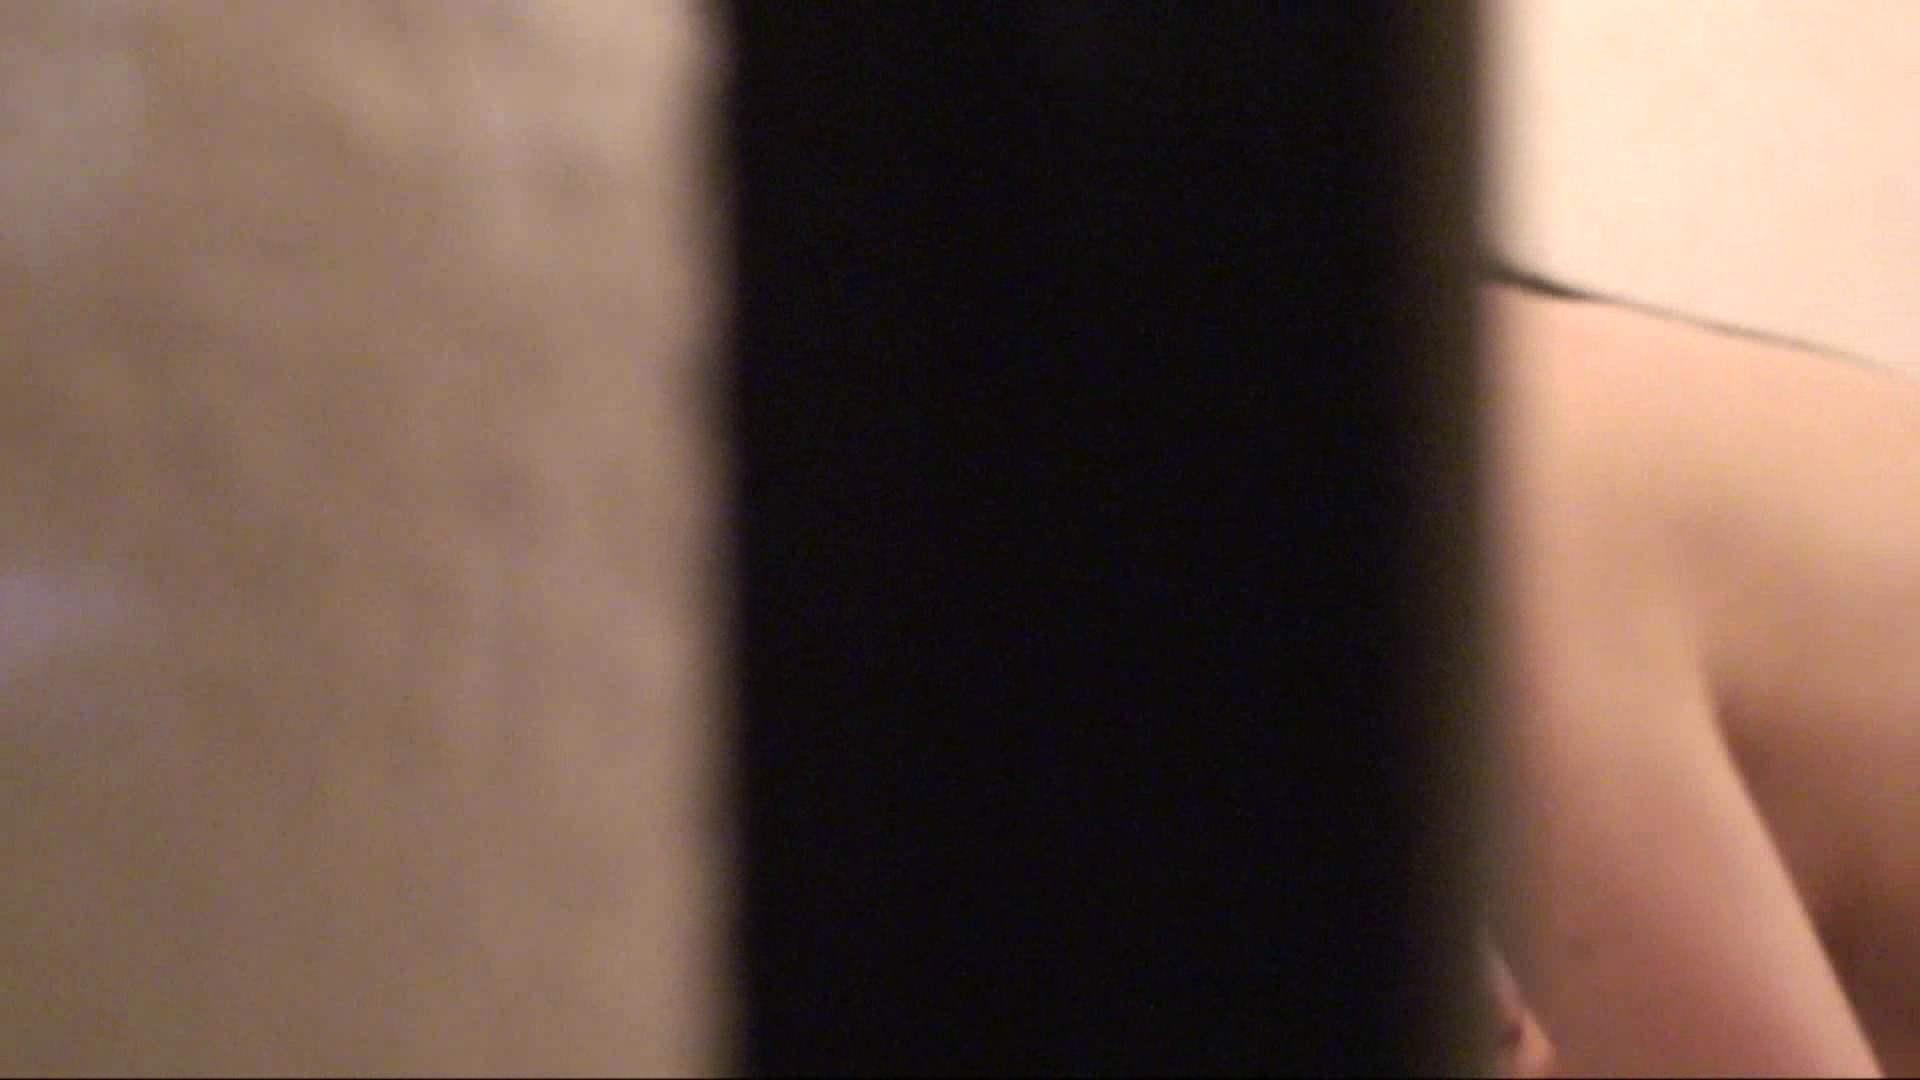 vol.01必見!白肌嬢の乳首が丸見え。極上美人のすっぴん顔をハイビジョンで! 色っぽいOL達 えろ無修正画像 89pic 58